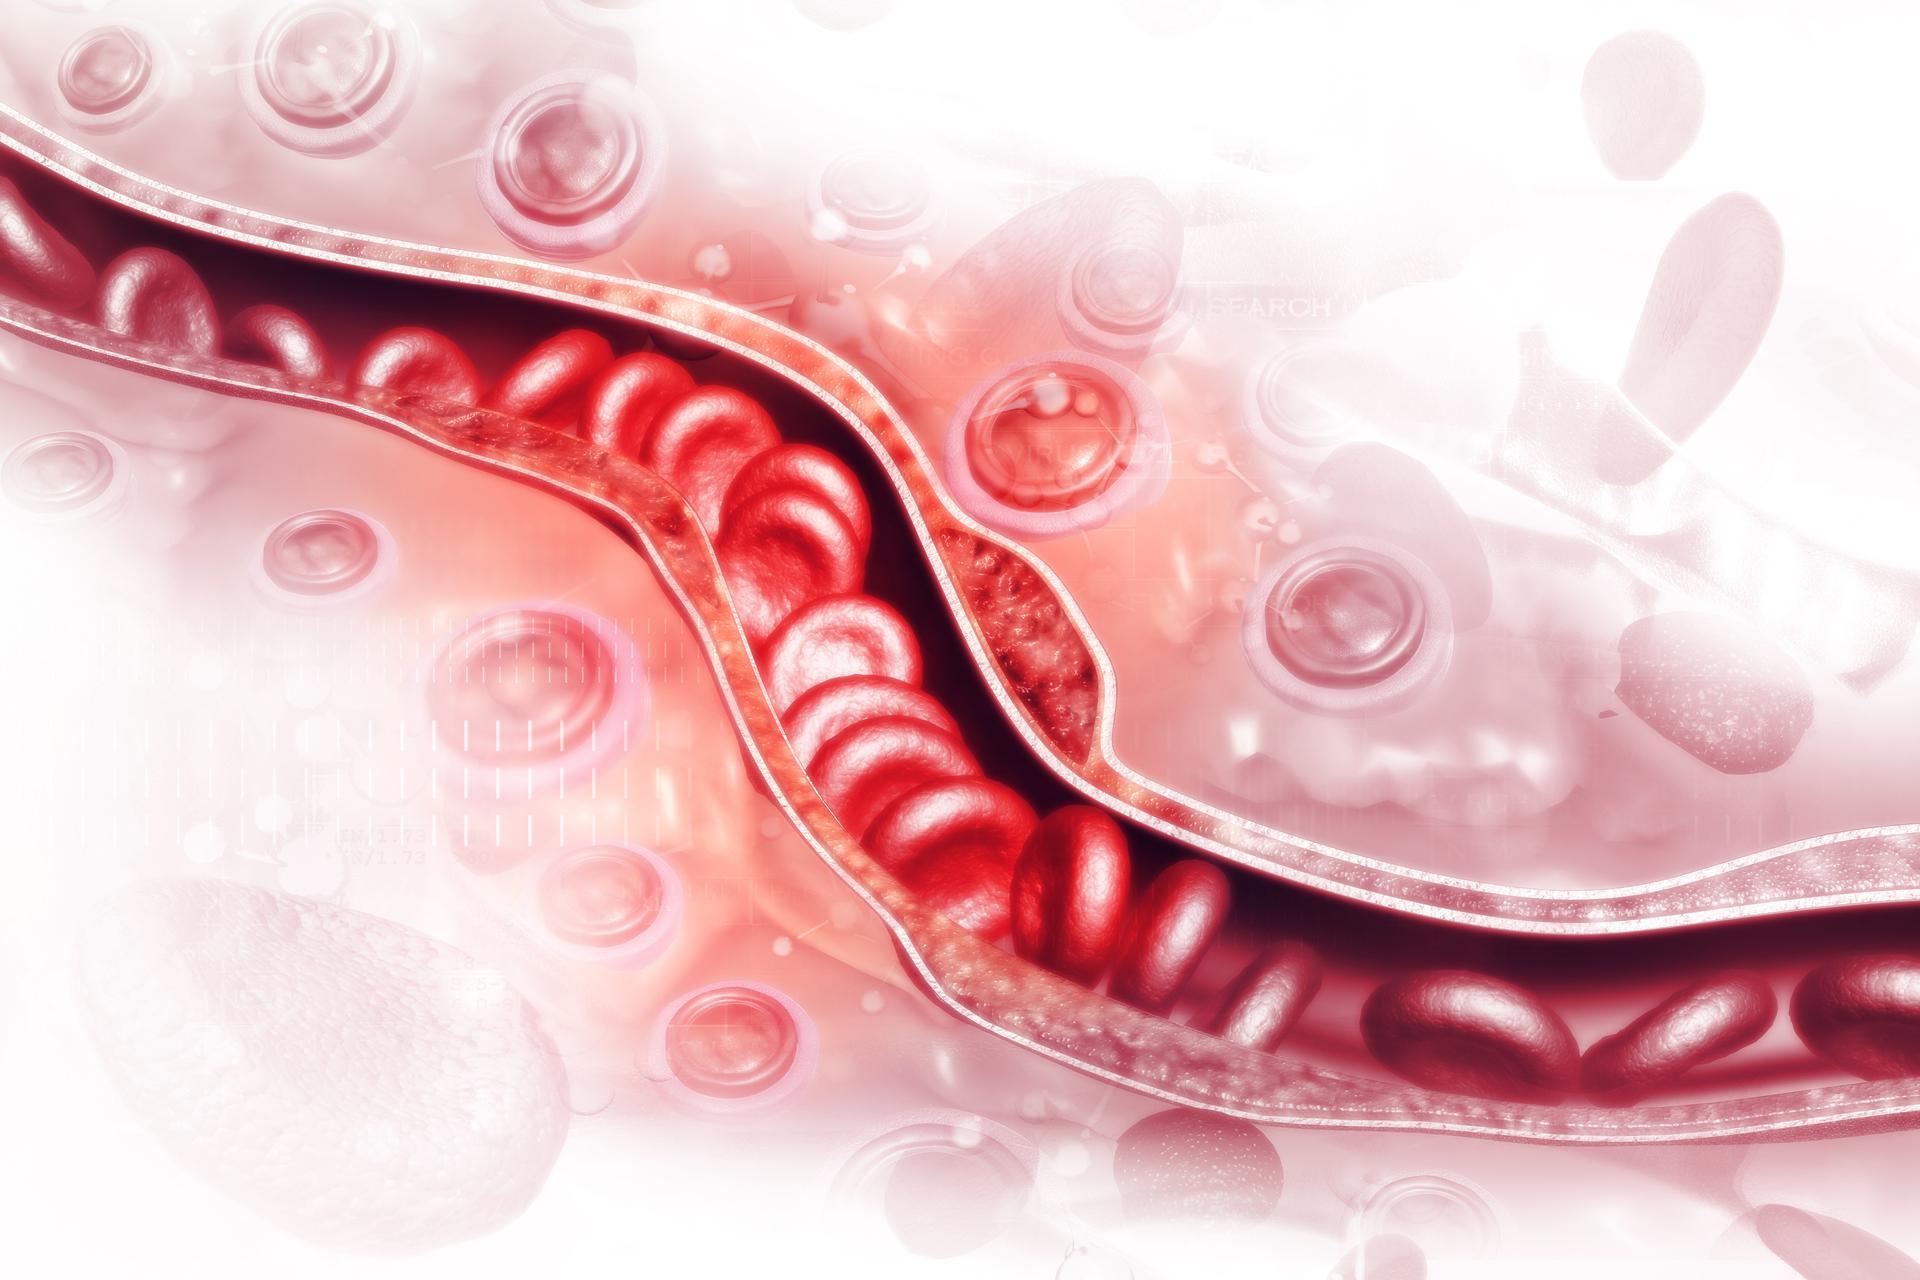 Trombektomia